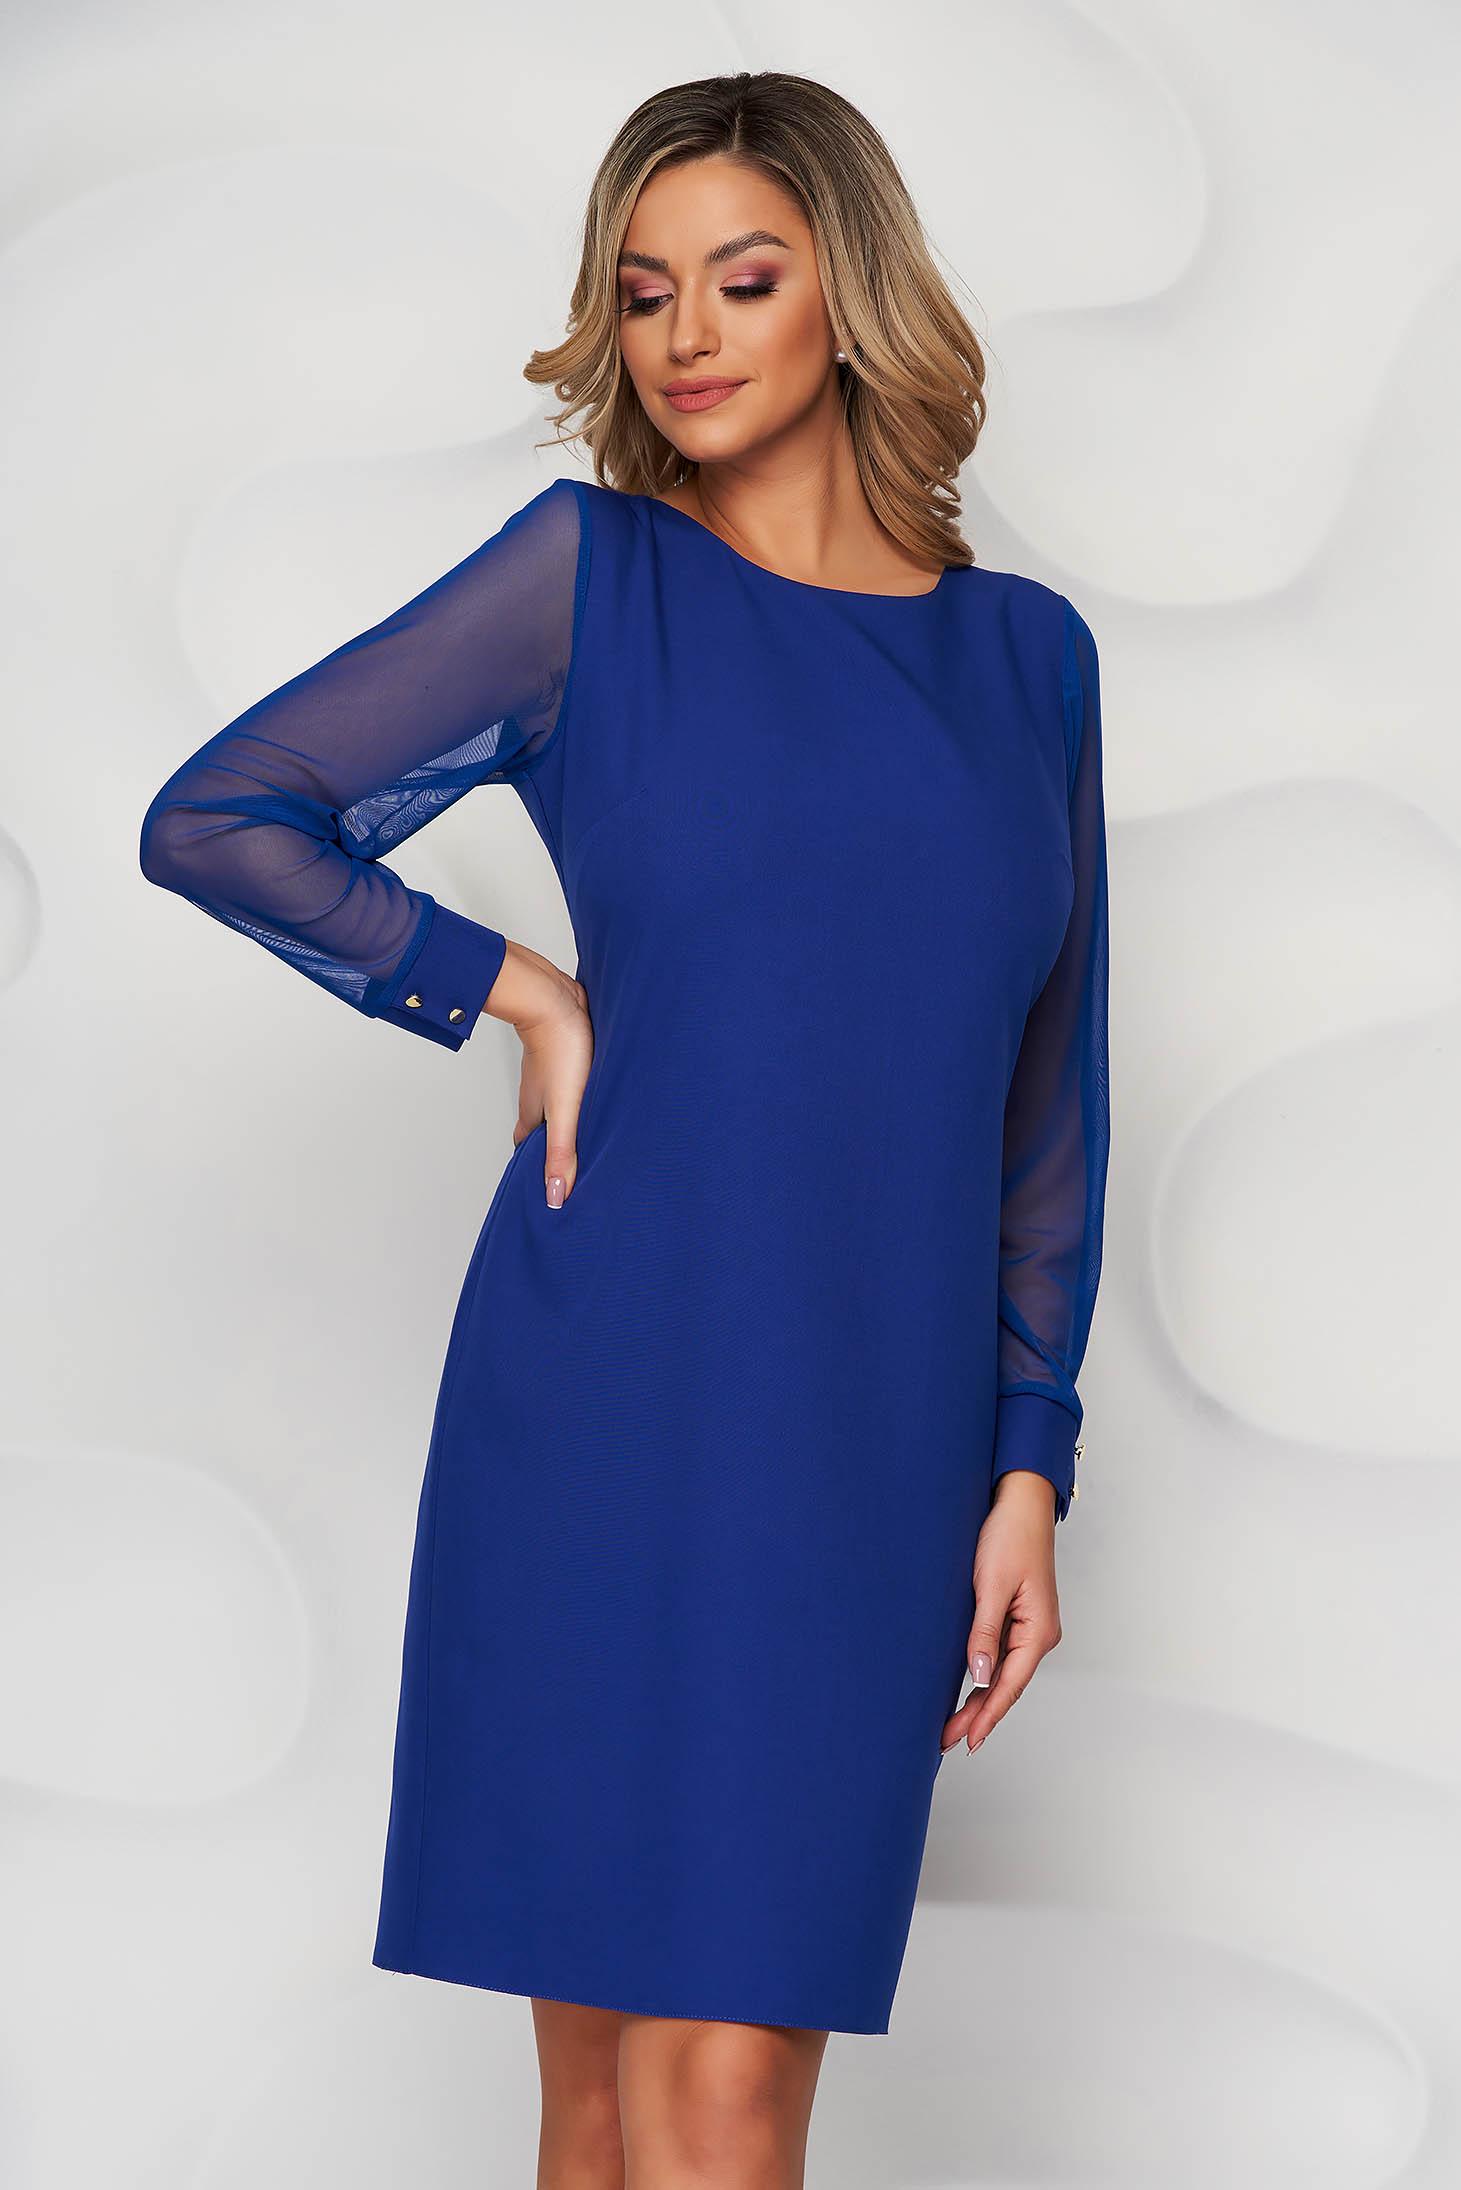 Rochie albastra din material elastic cu un croi drept cu maneci transparente